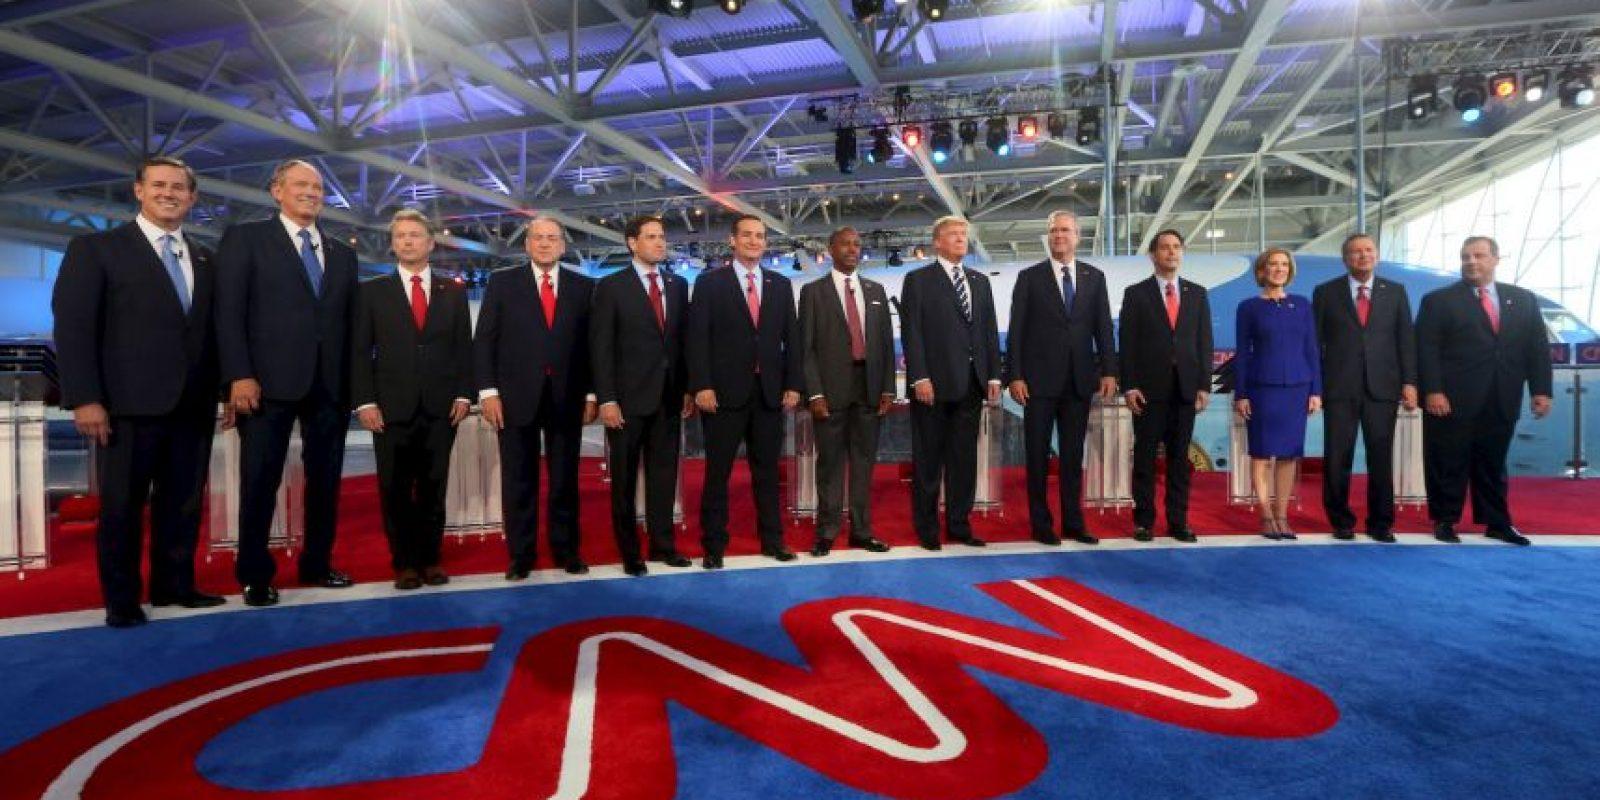 Este segundo debate se llevó a cabo en la Biblioteca Presidencial Ronald Reagan en Simi Valley, California. Foto:Getty Images